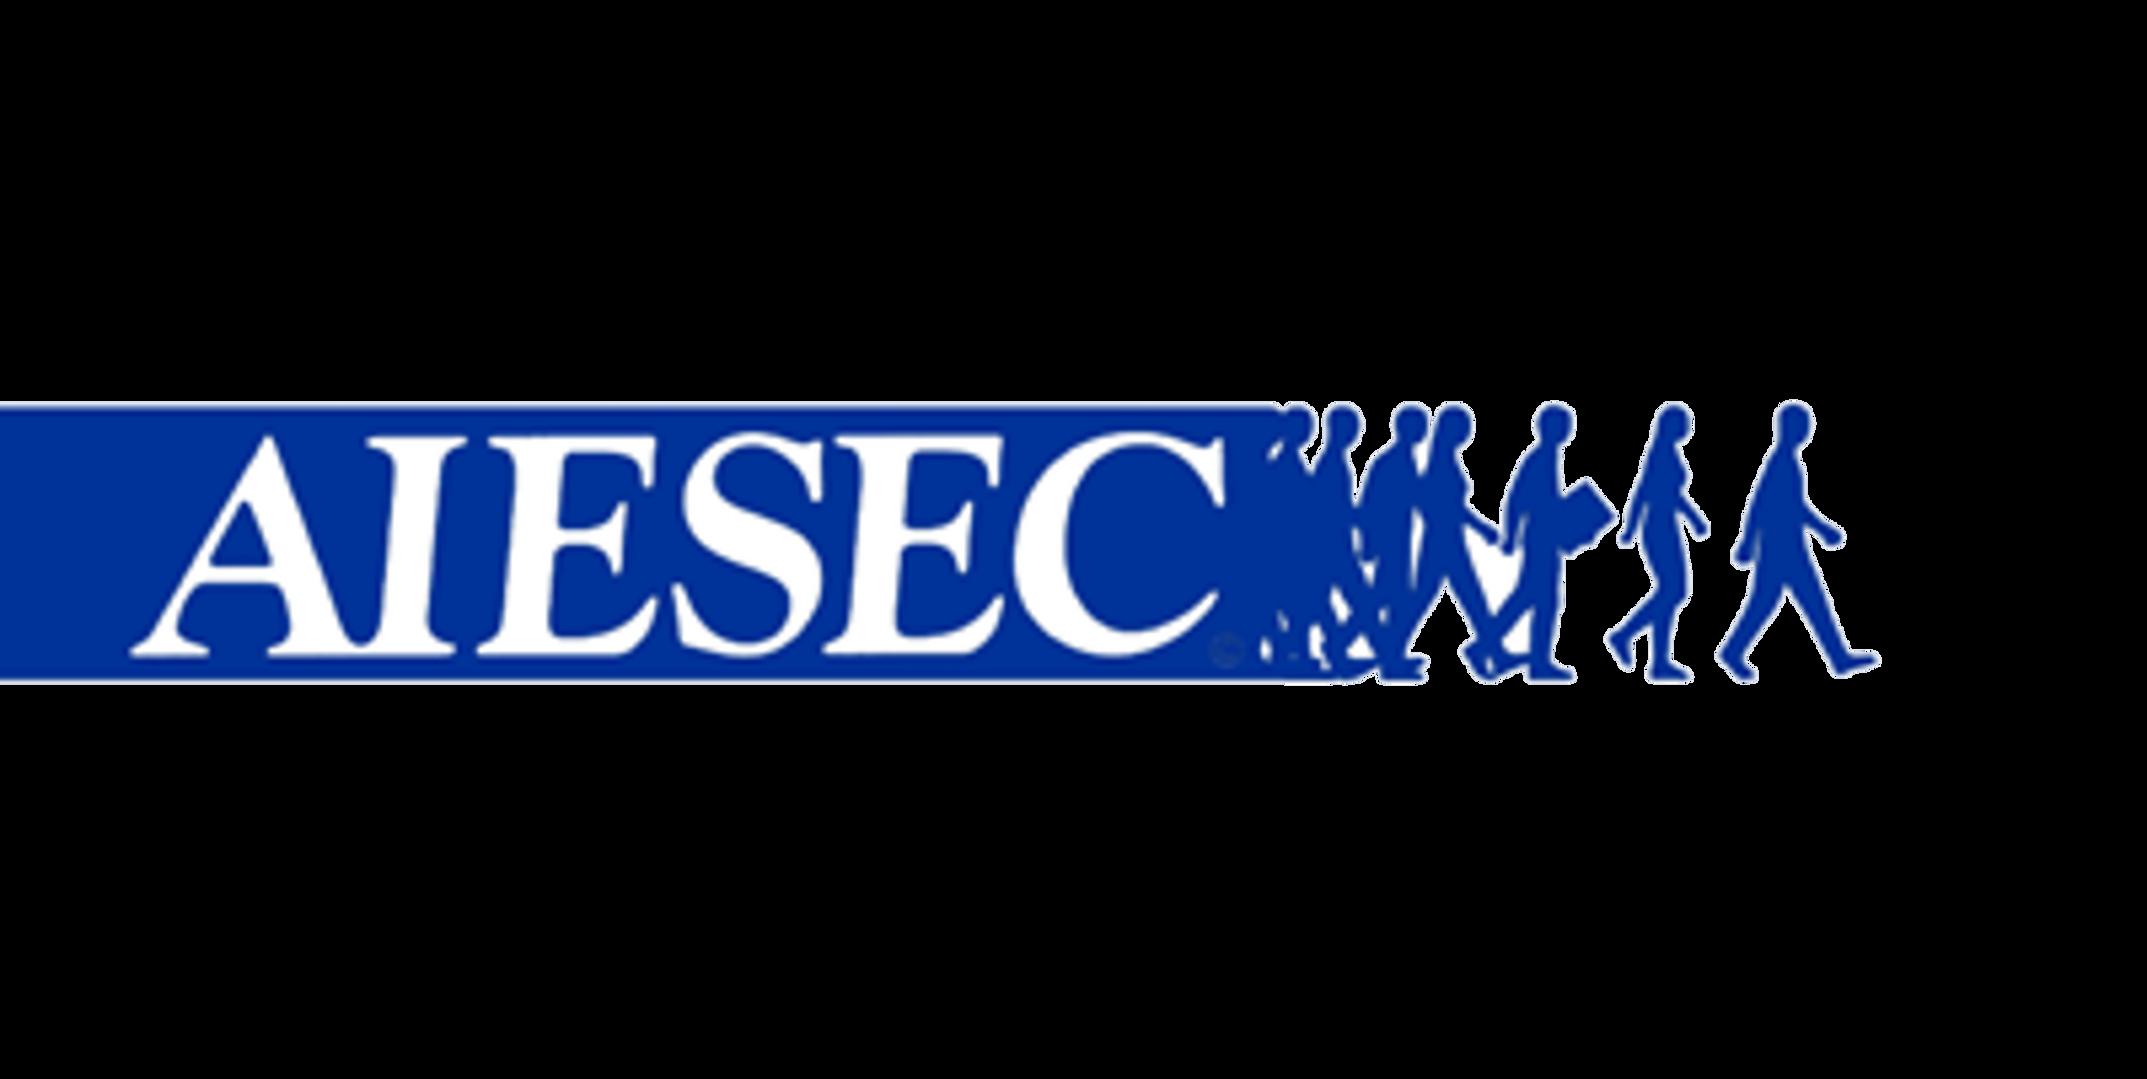 AIESEC OK.png